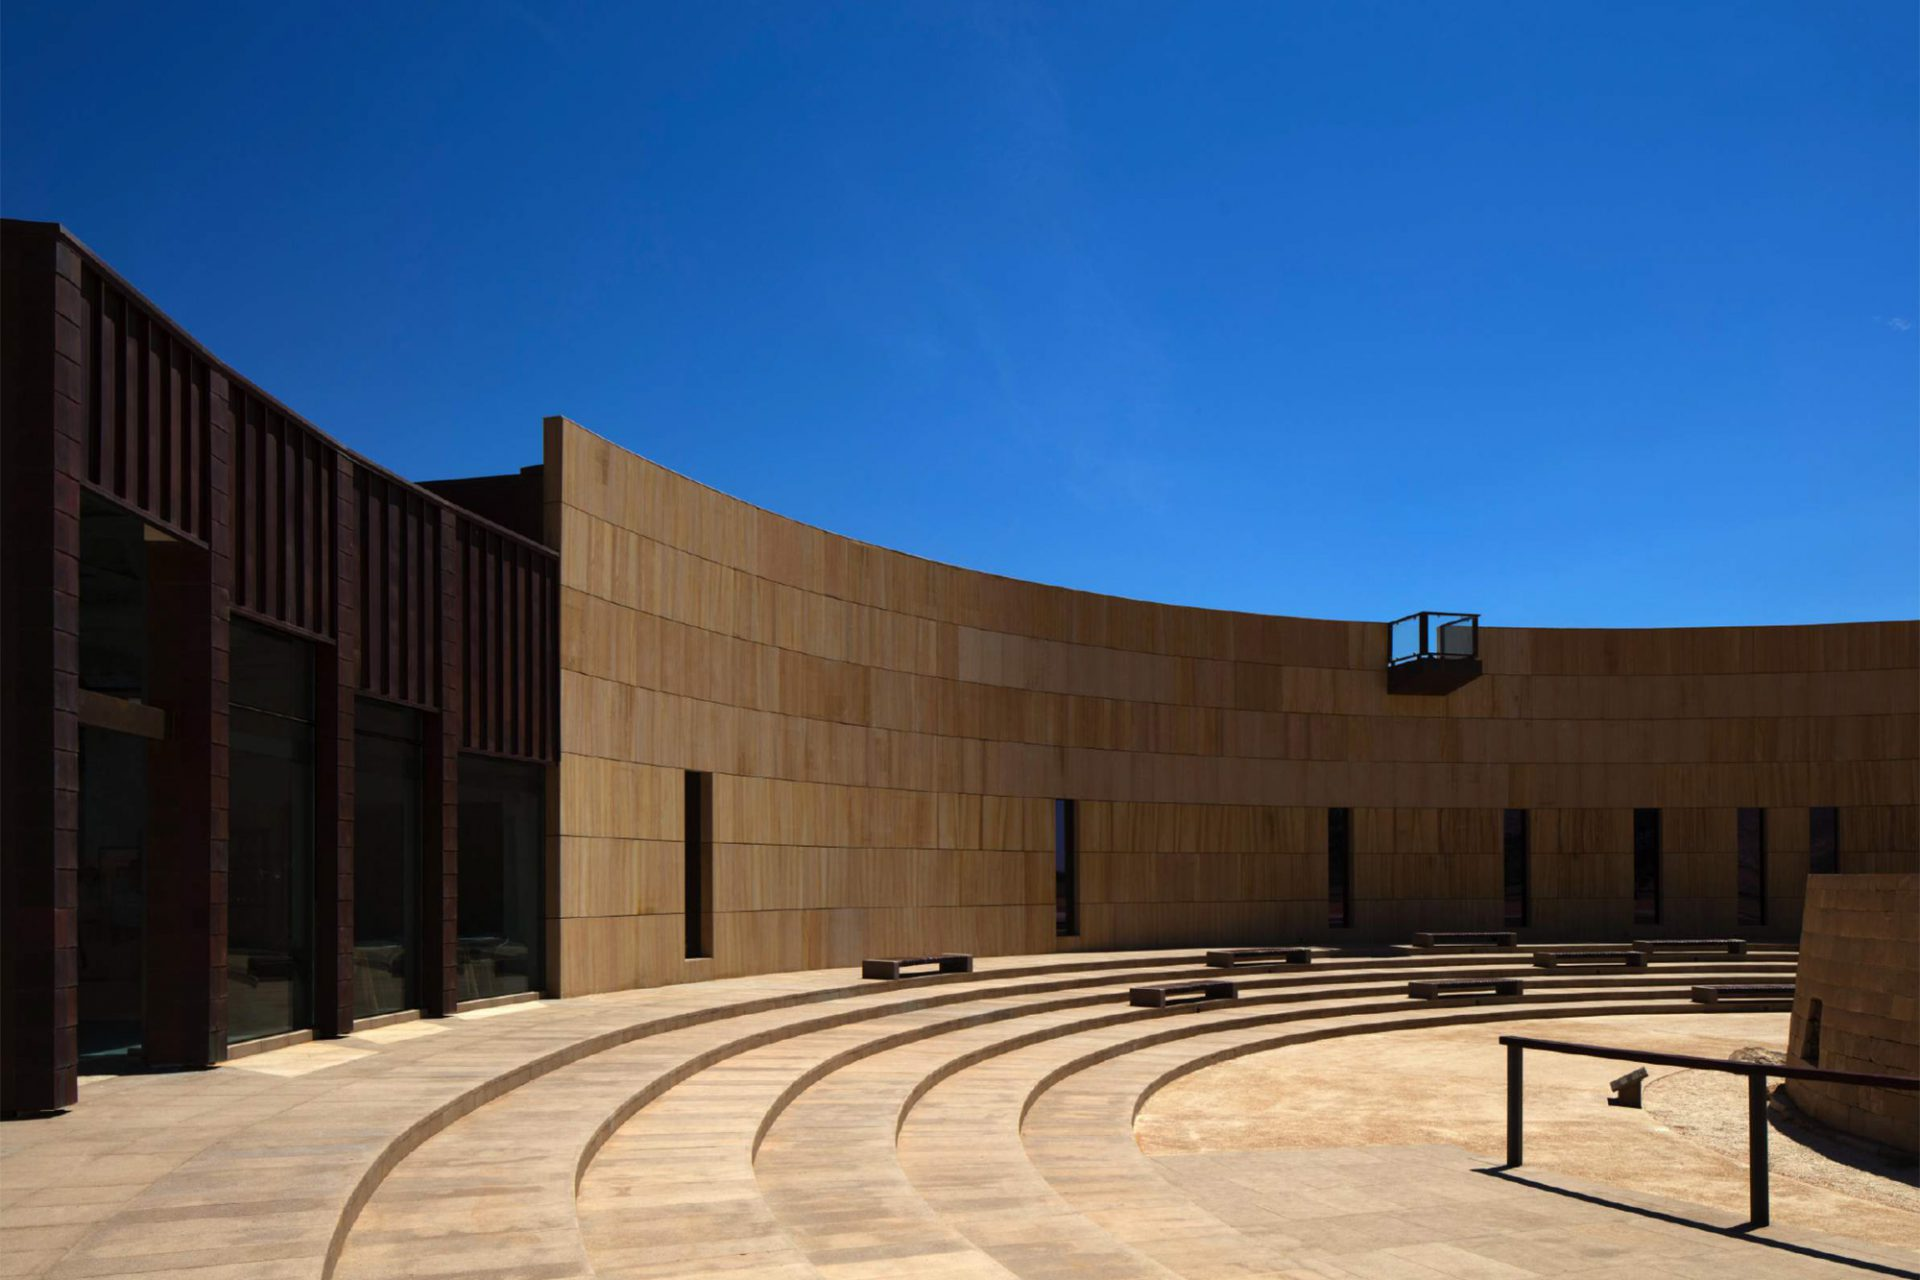 Mleiha Archaeological Centre. Der kleine Austritt auf dem Dach ist zum Grabmal hin ausgerichtet. Stufen und Bänke umkreisen die historische Stätte.